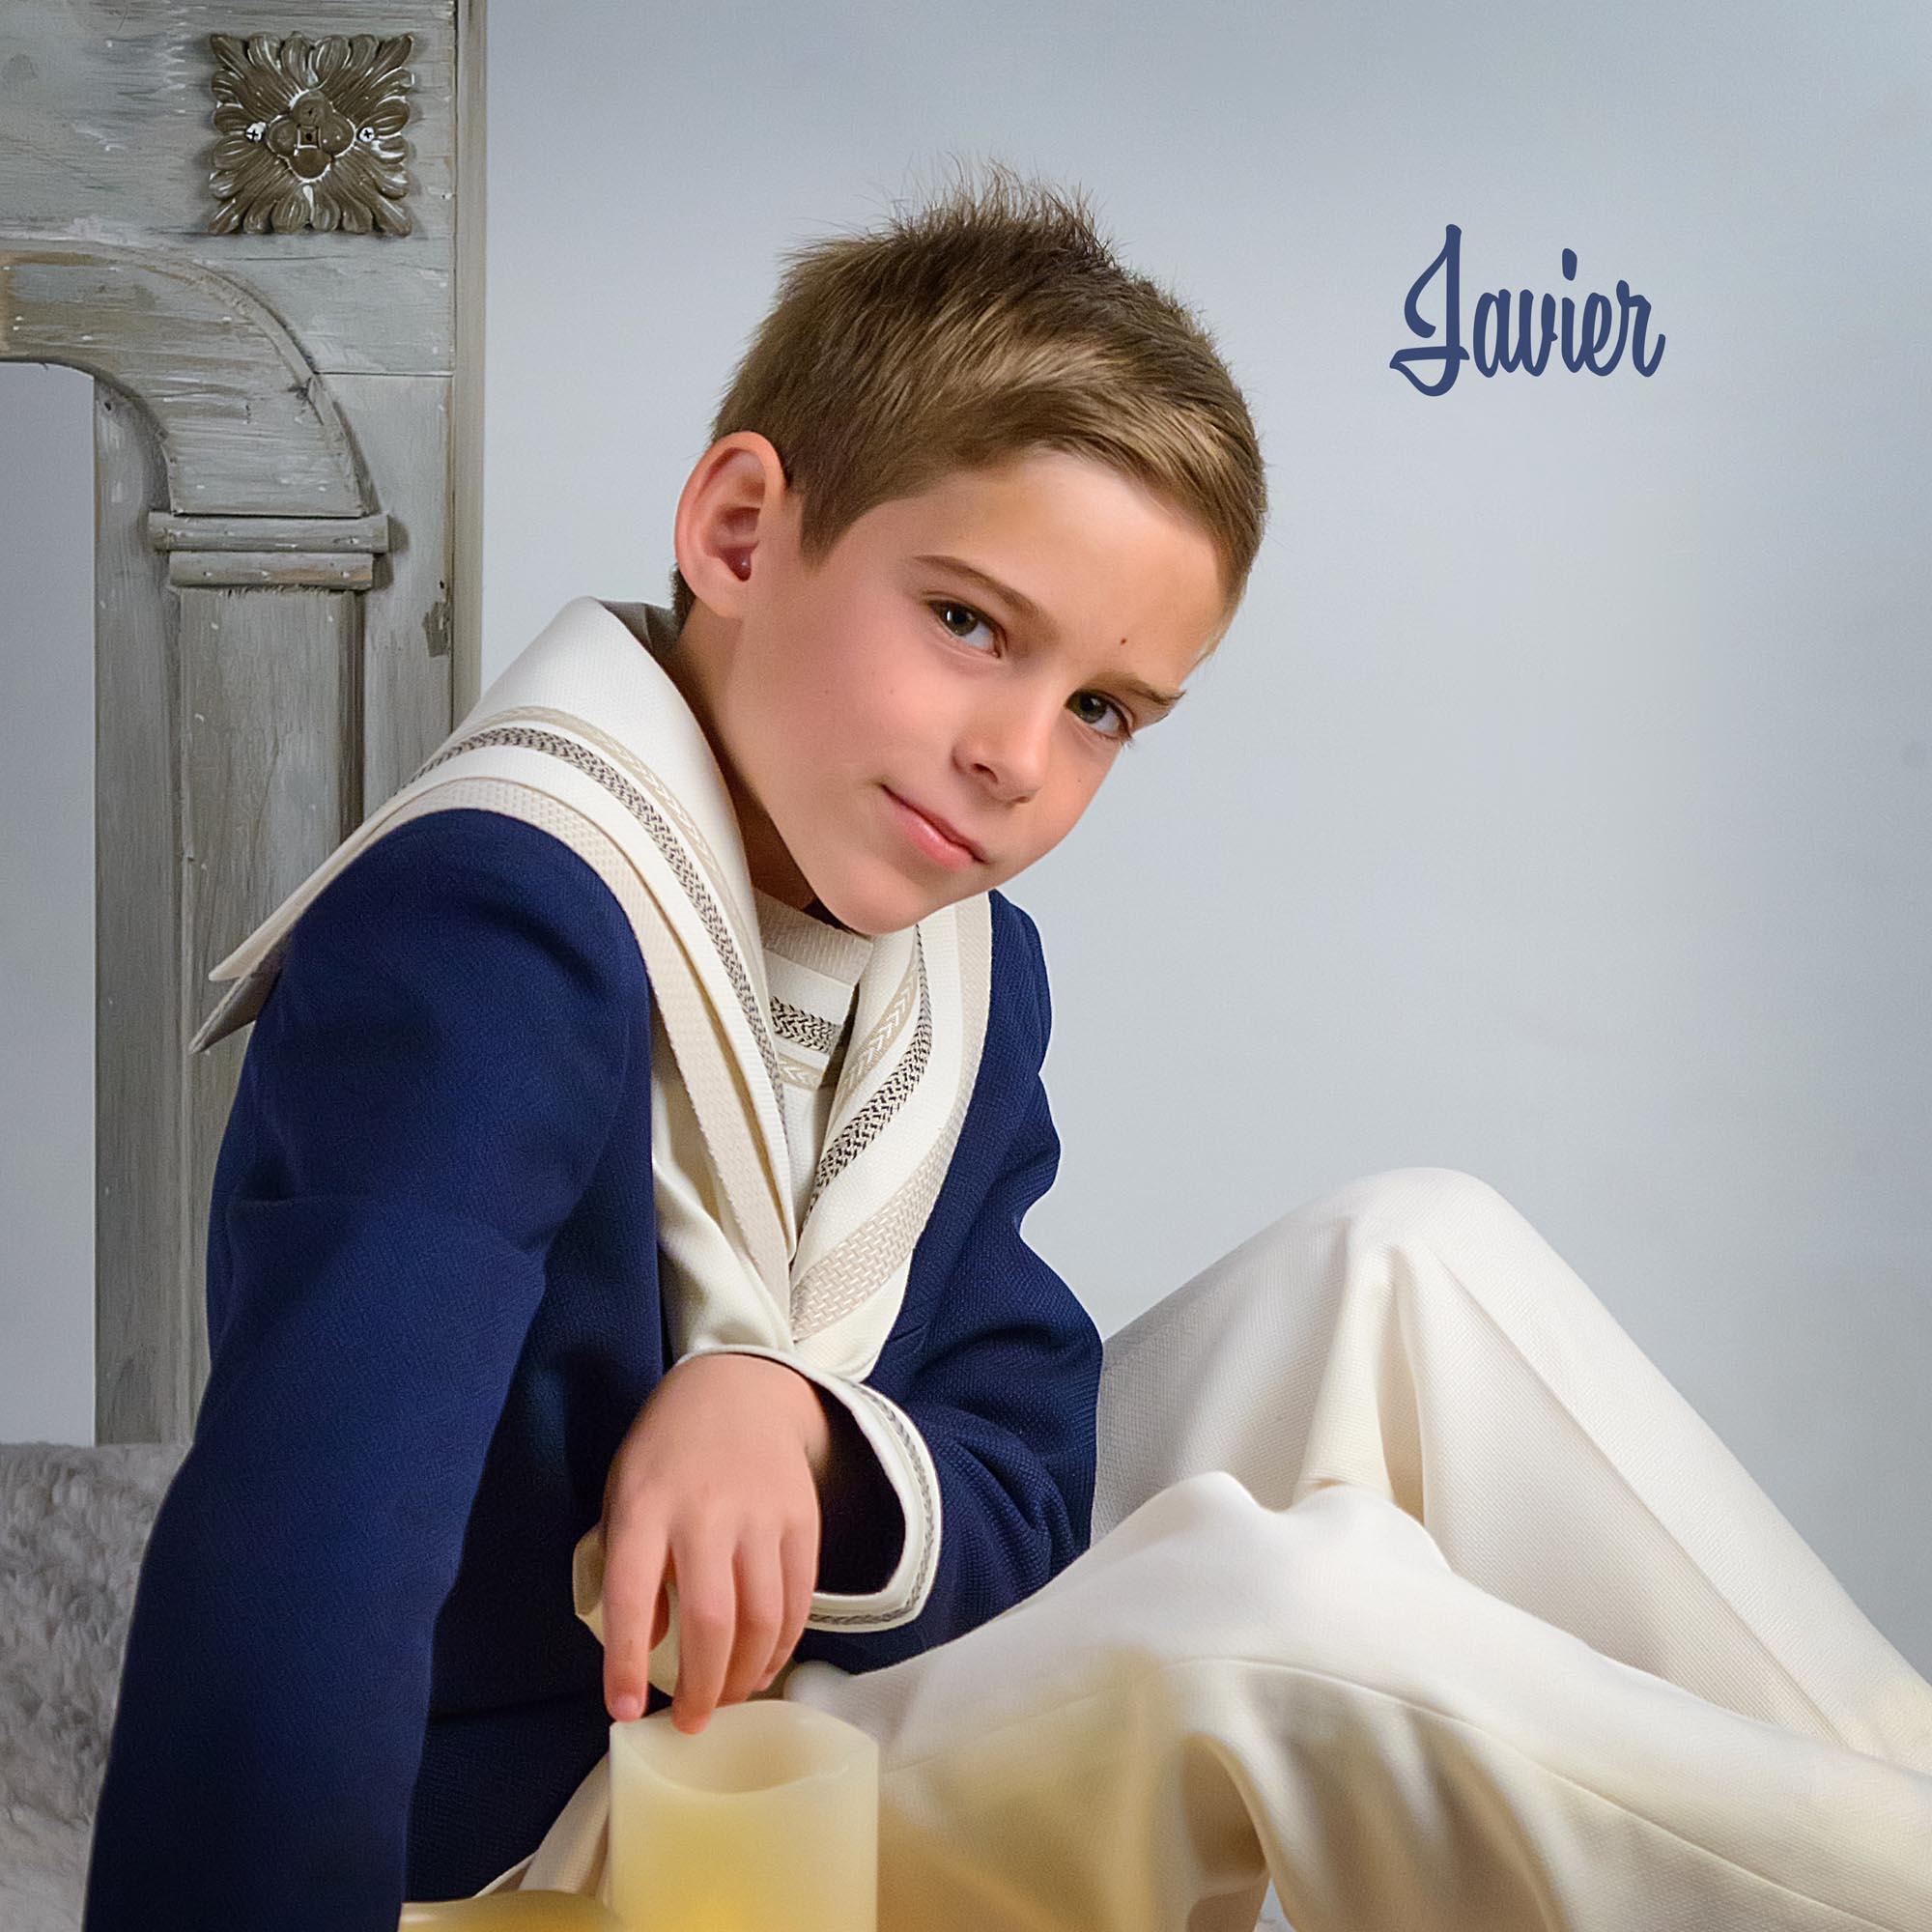 Javier, primera comunión